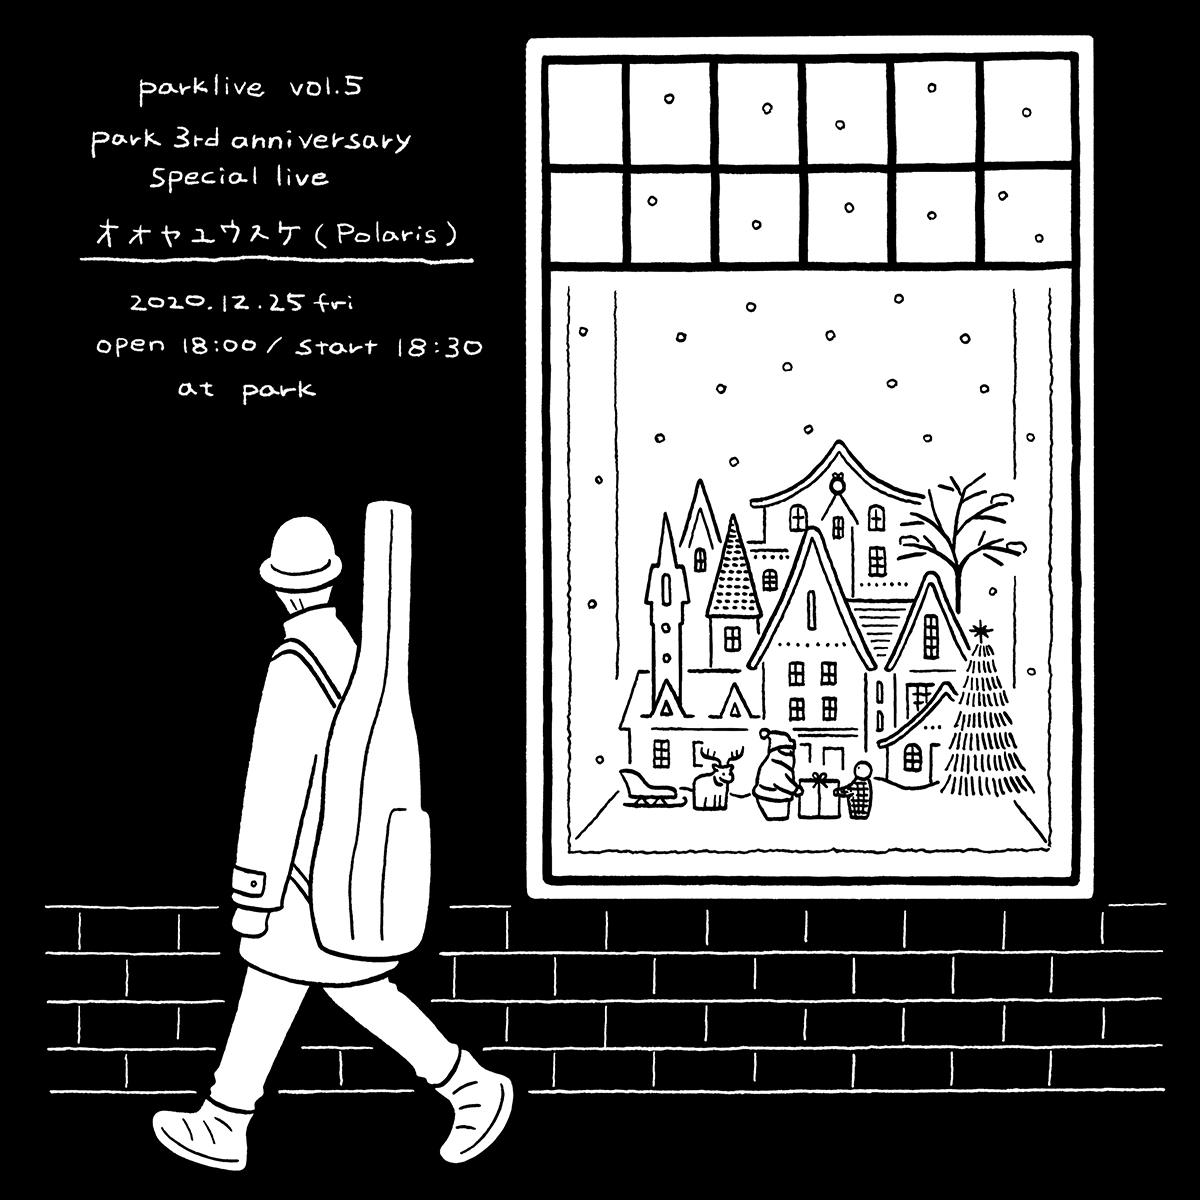 12月25日(金)【オオヤユウスケ(Polaris)ライブ】開催決定